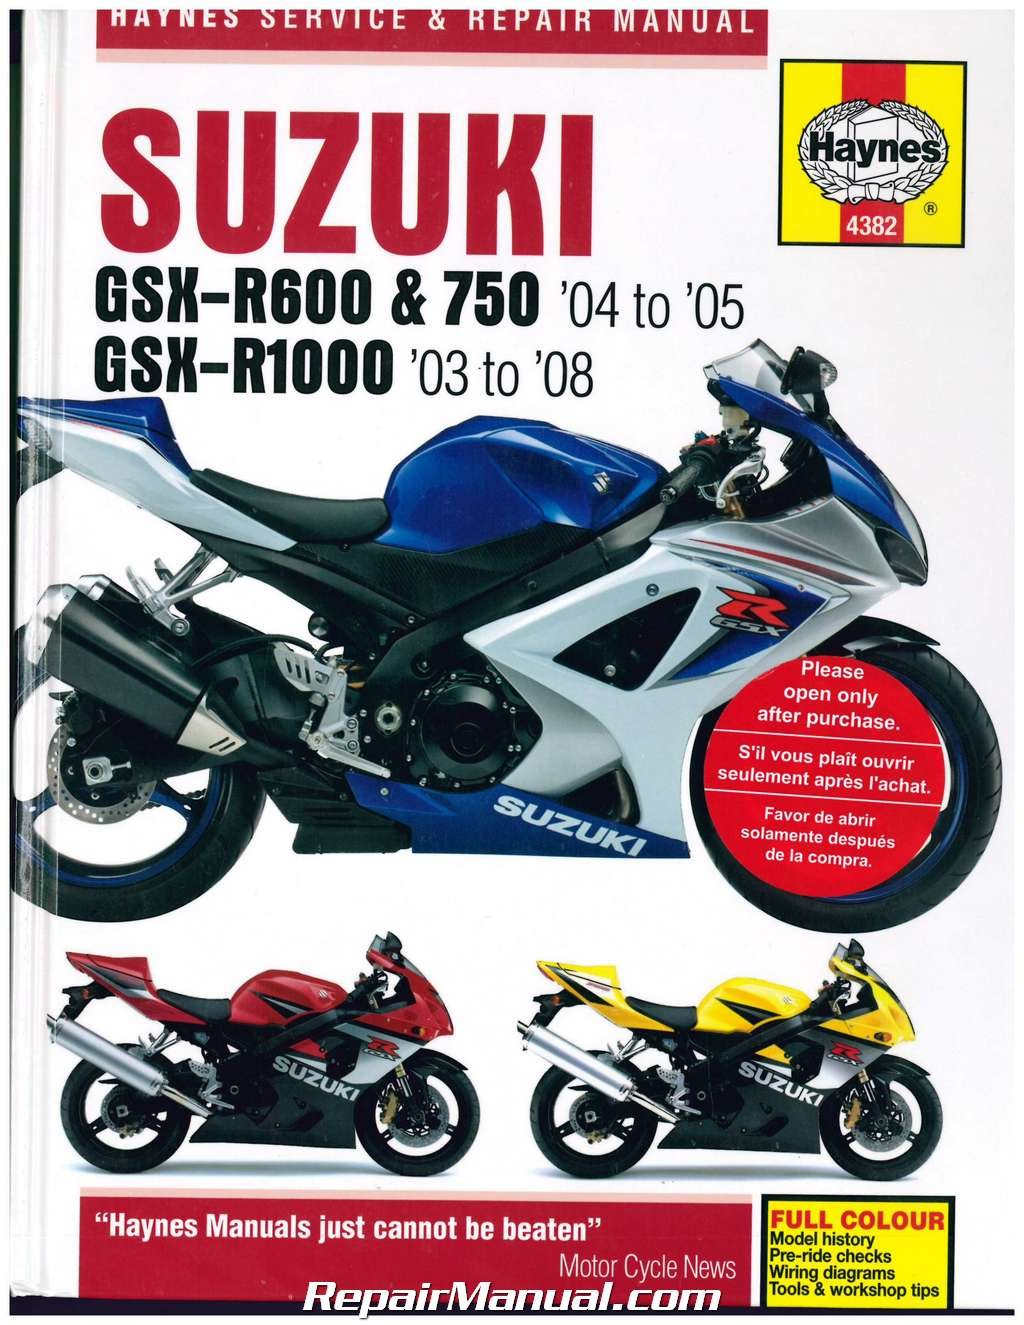 H4382 Suzuki GSX-R600 GSX-R750 2004-2005 GSX-R1000 2003-2008 Haynes  Motorcycle Repair Manual: Manufacturer: Amazon.com: Books